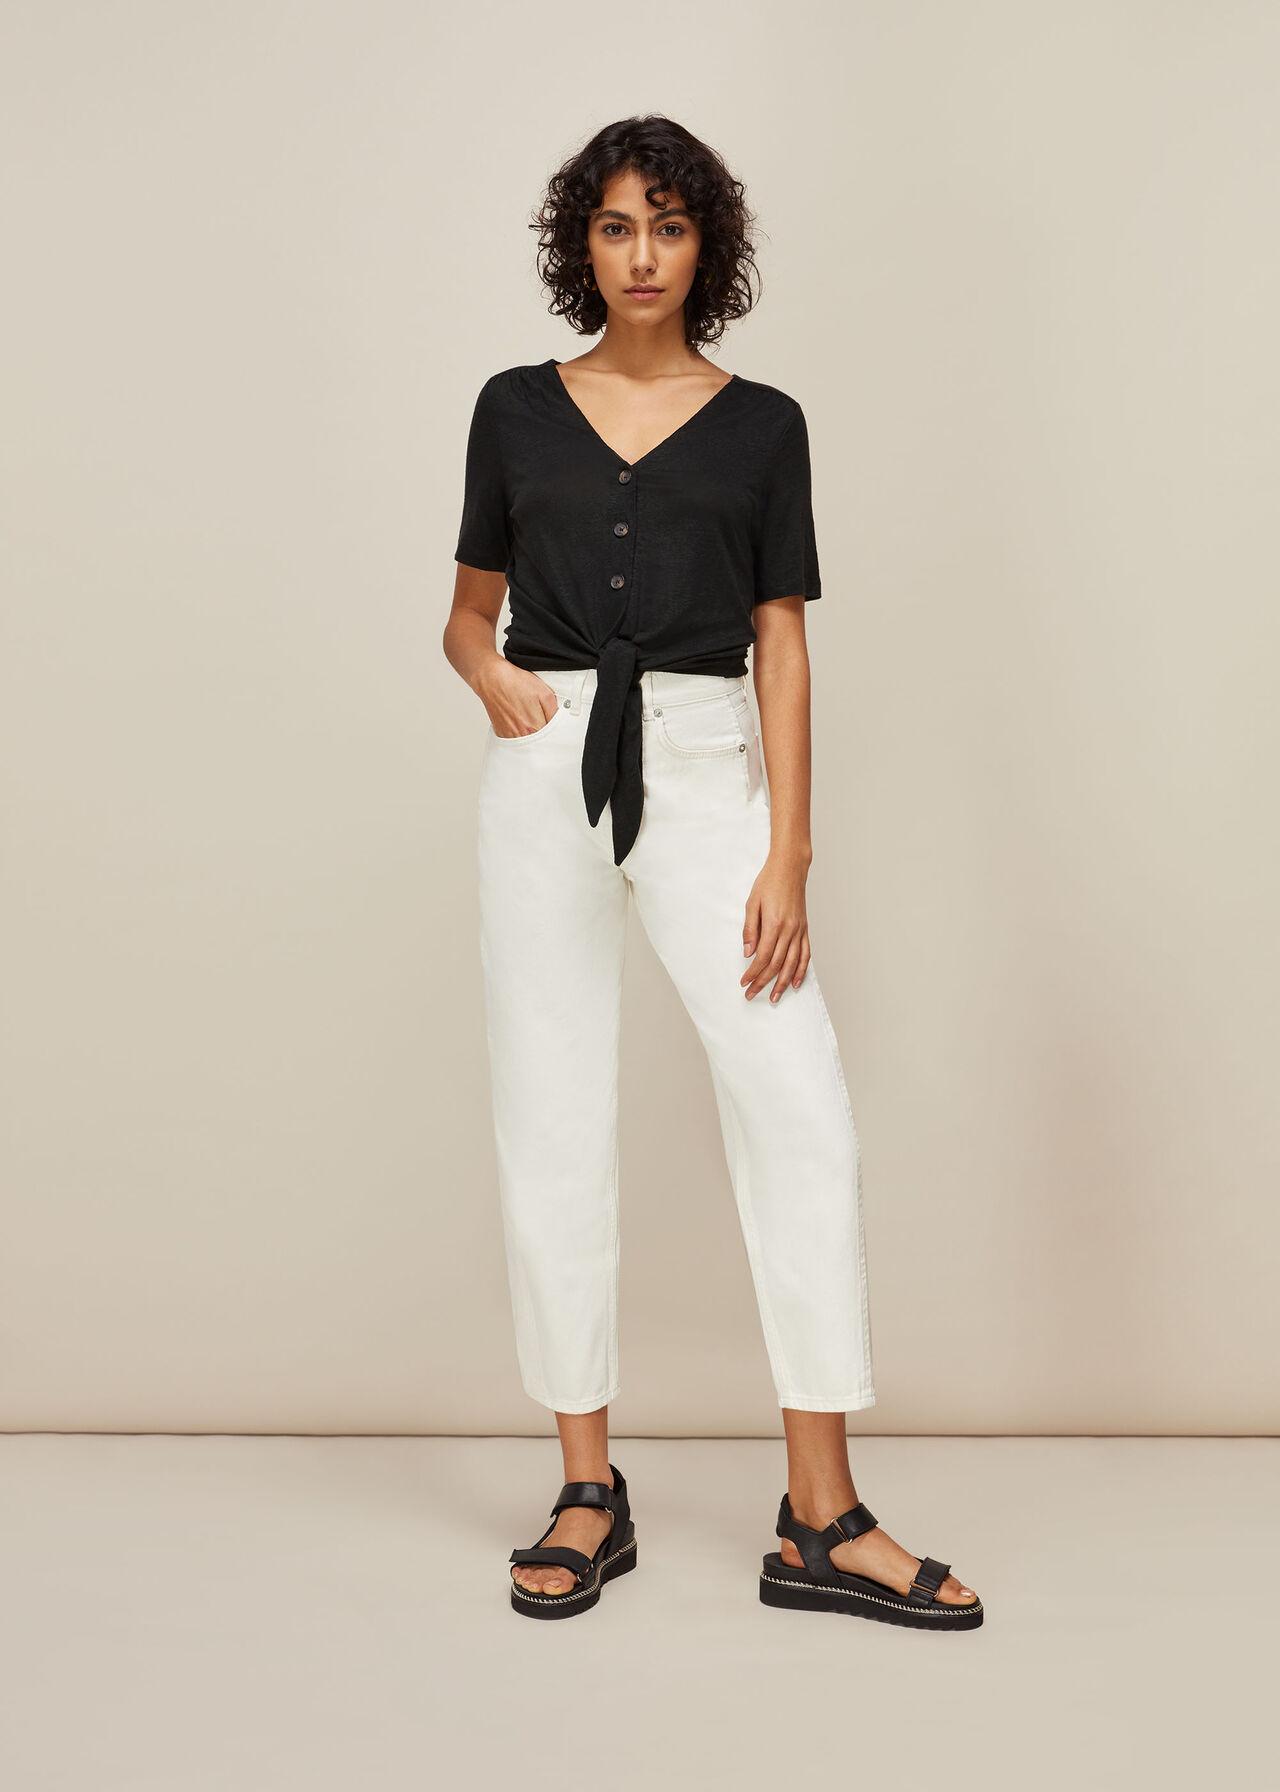 Linen Button Front Tie Top